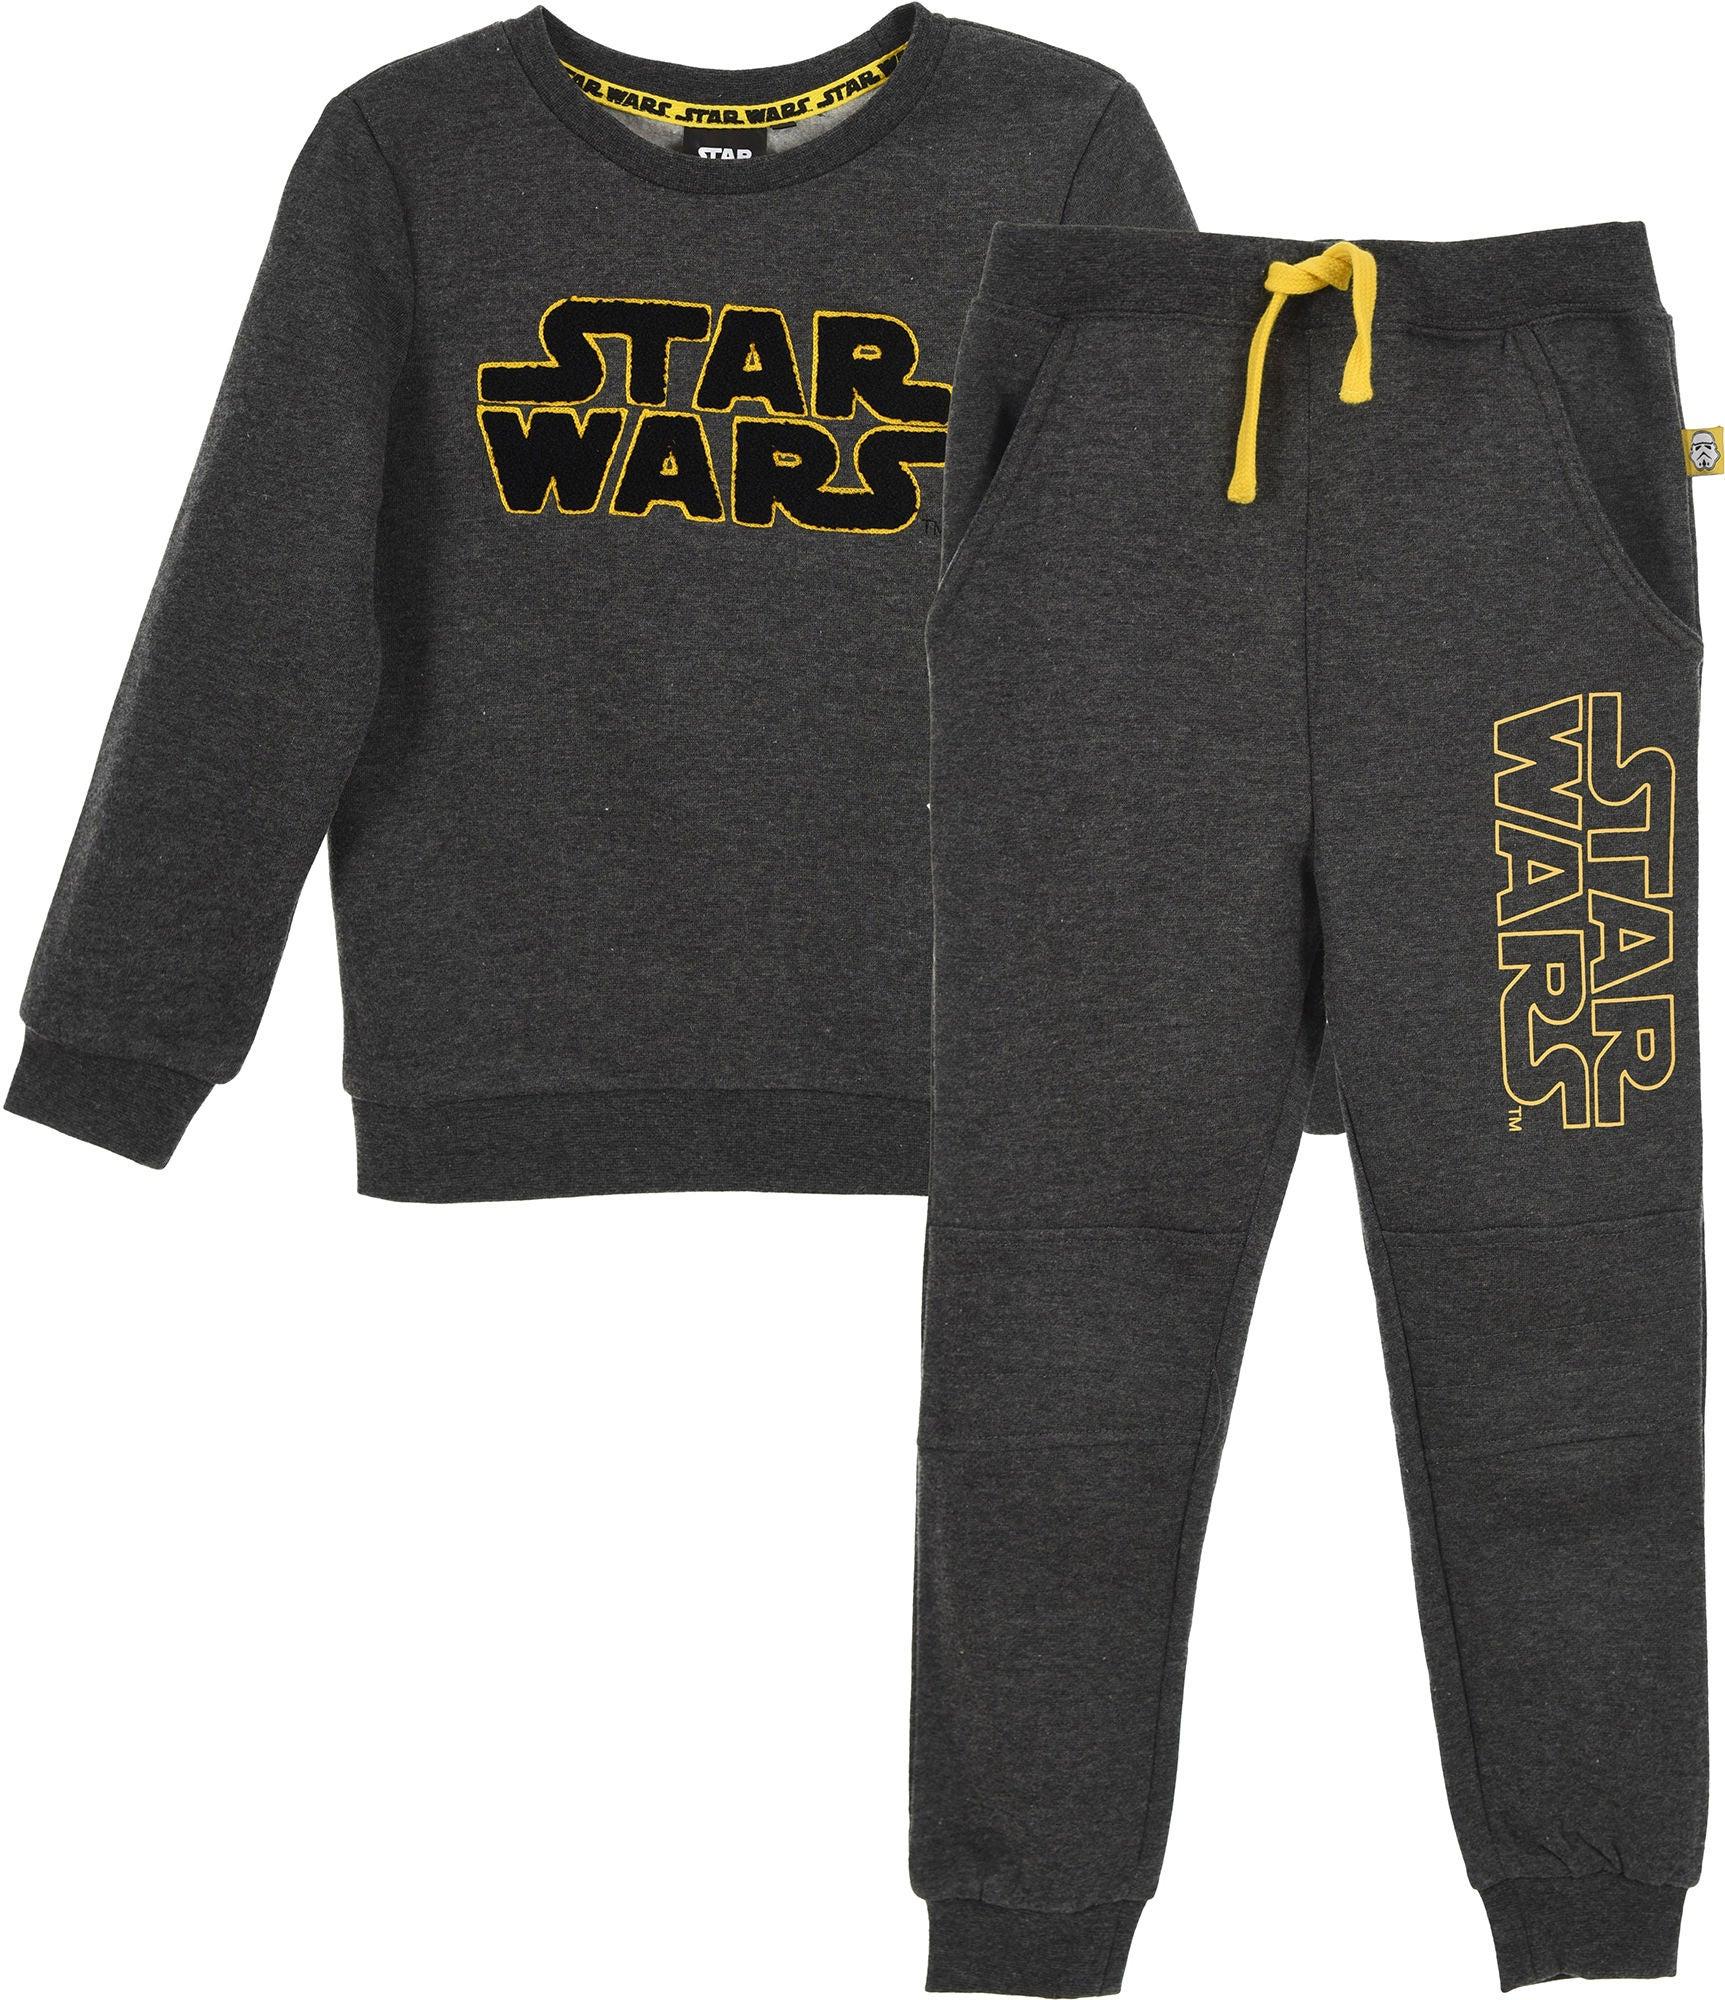 Osta Star Wars Housut ja Paita bf45a8b63a